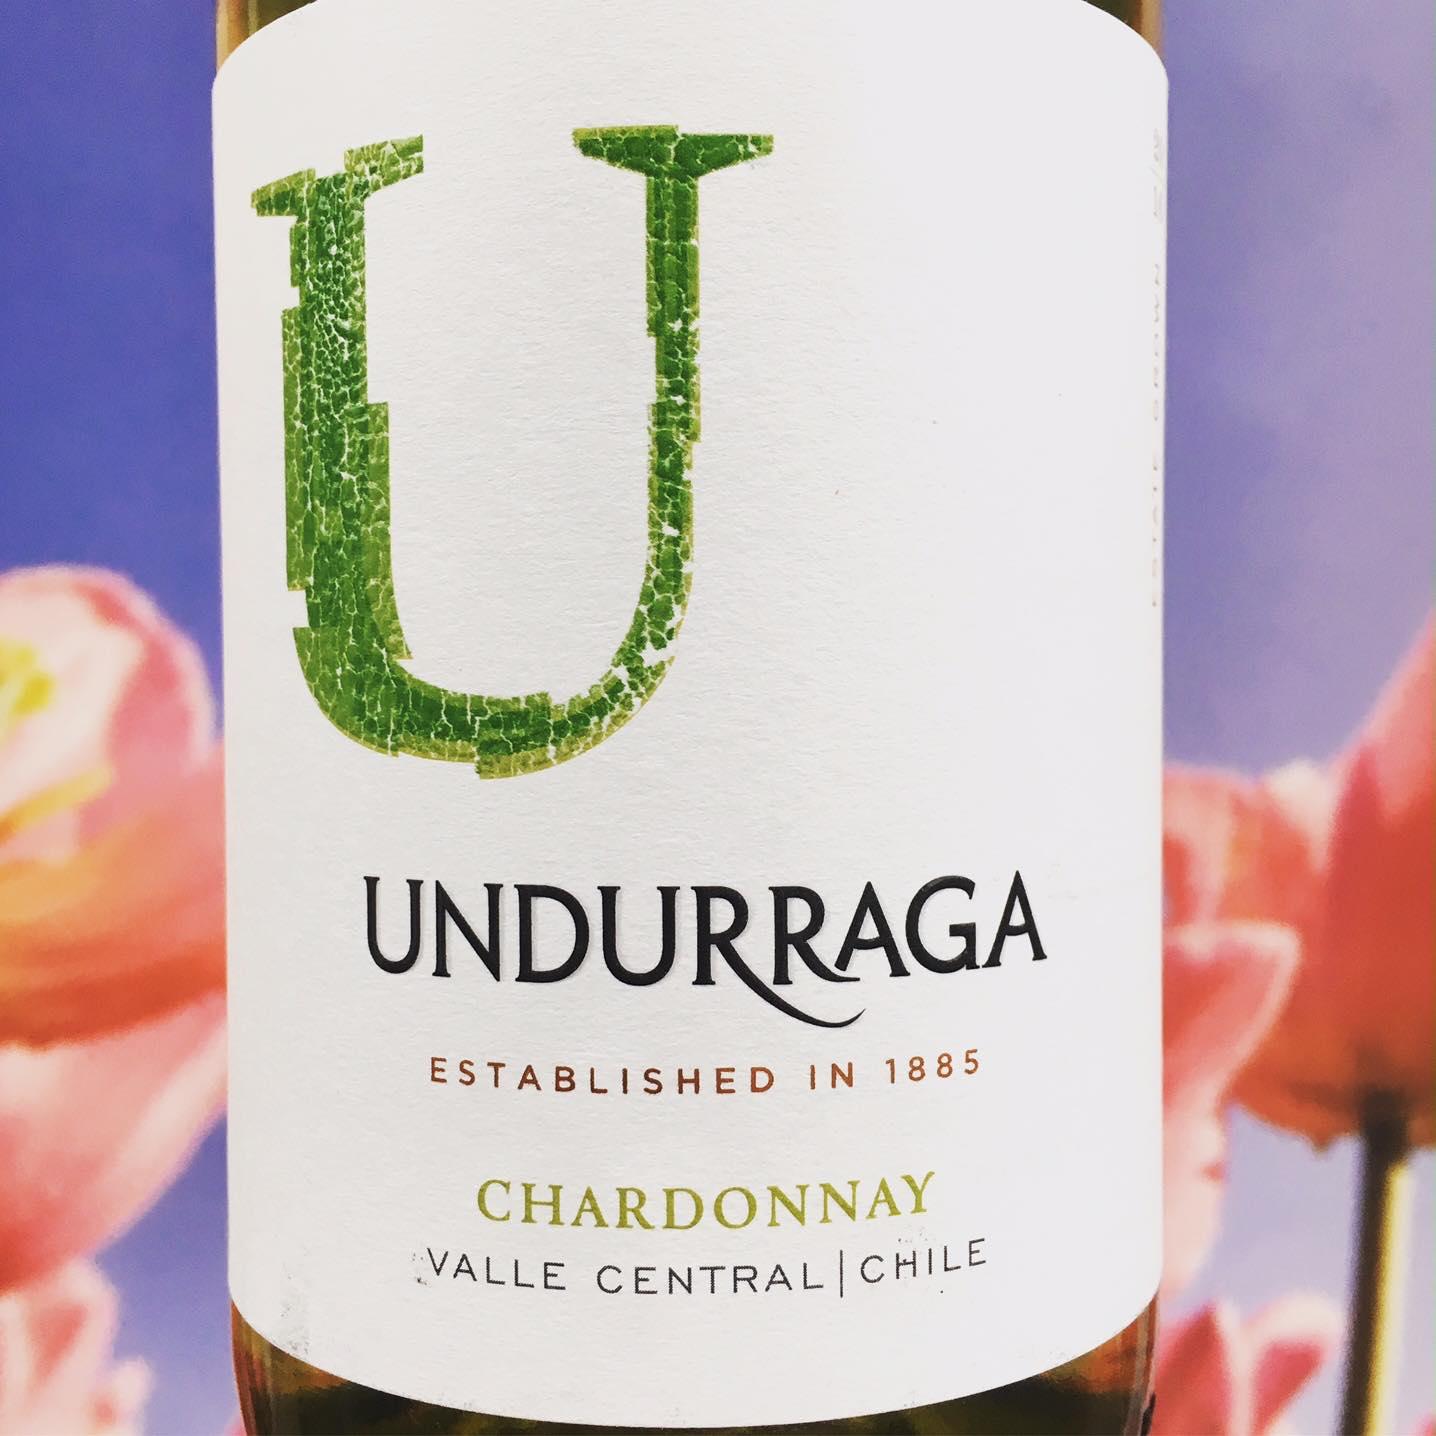 Undurraga chardonnay review door Mama Drinkt Wijn, vinoloog sinds 2006